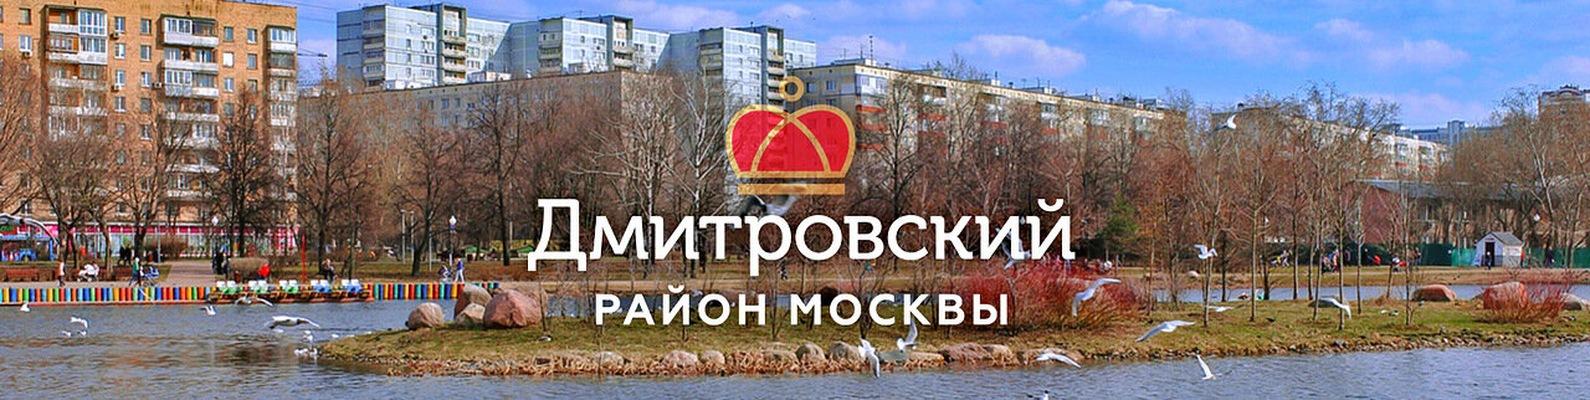 Дмитровский район Москвы: СИДИМ ДОМА | ВКонтакте